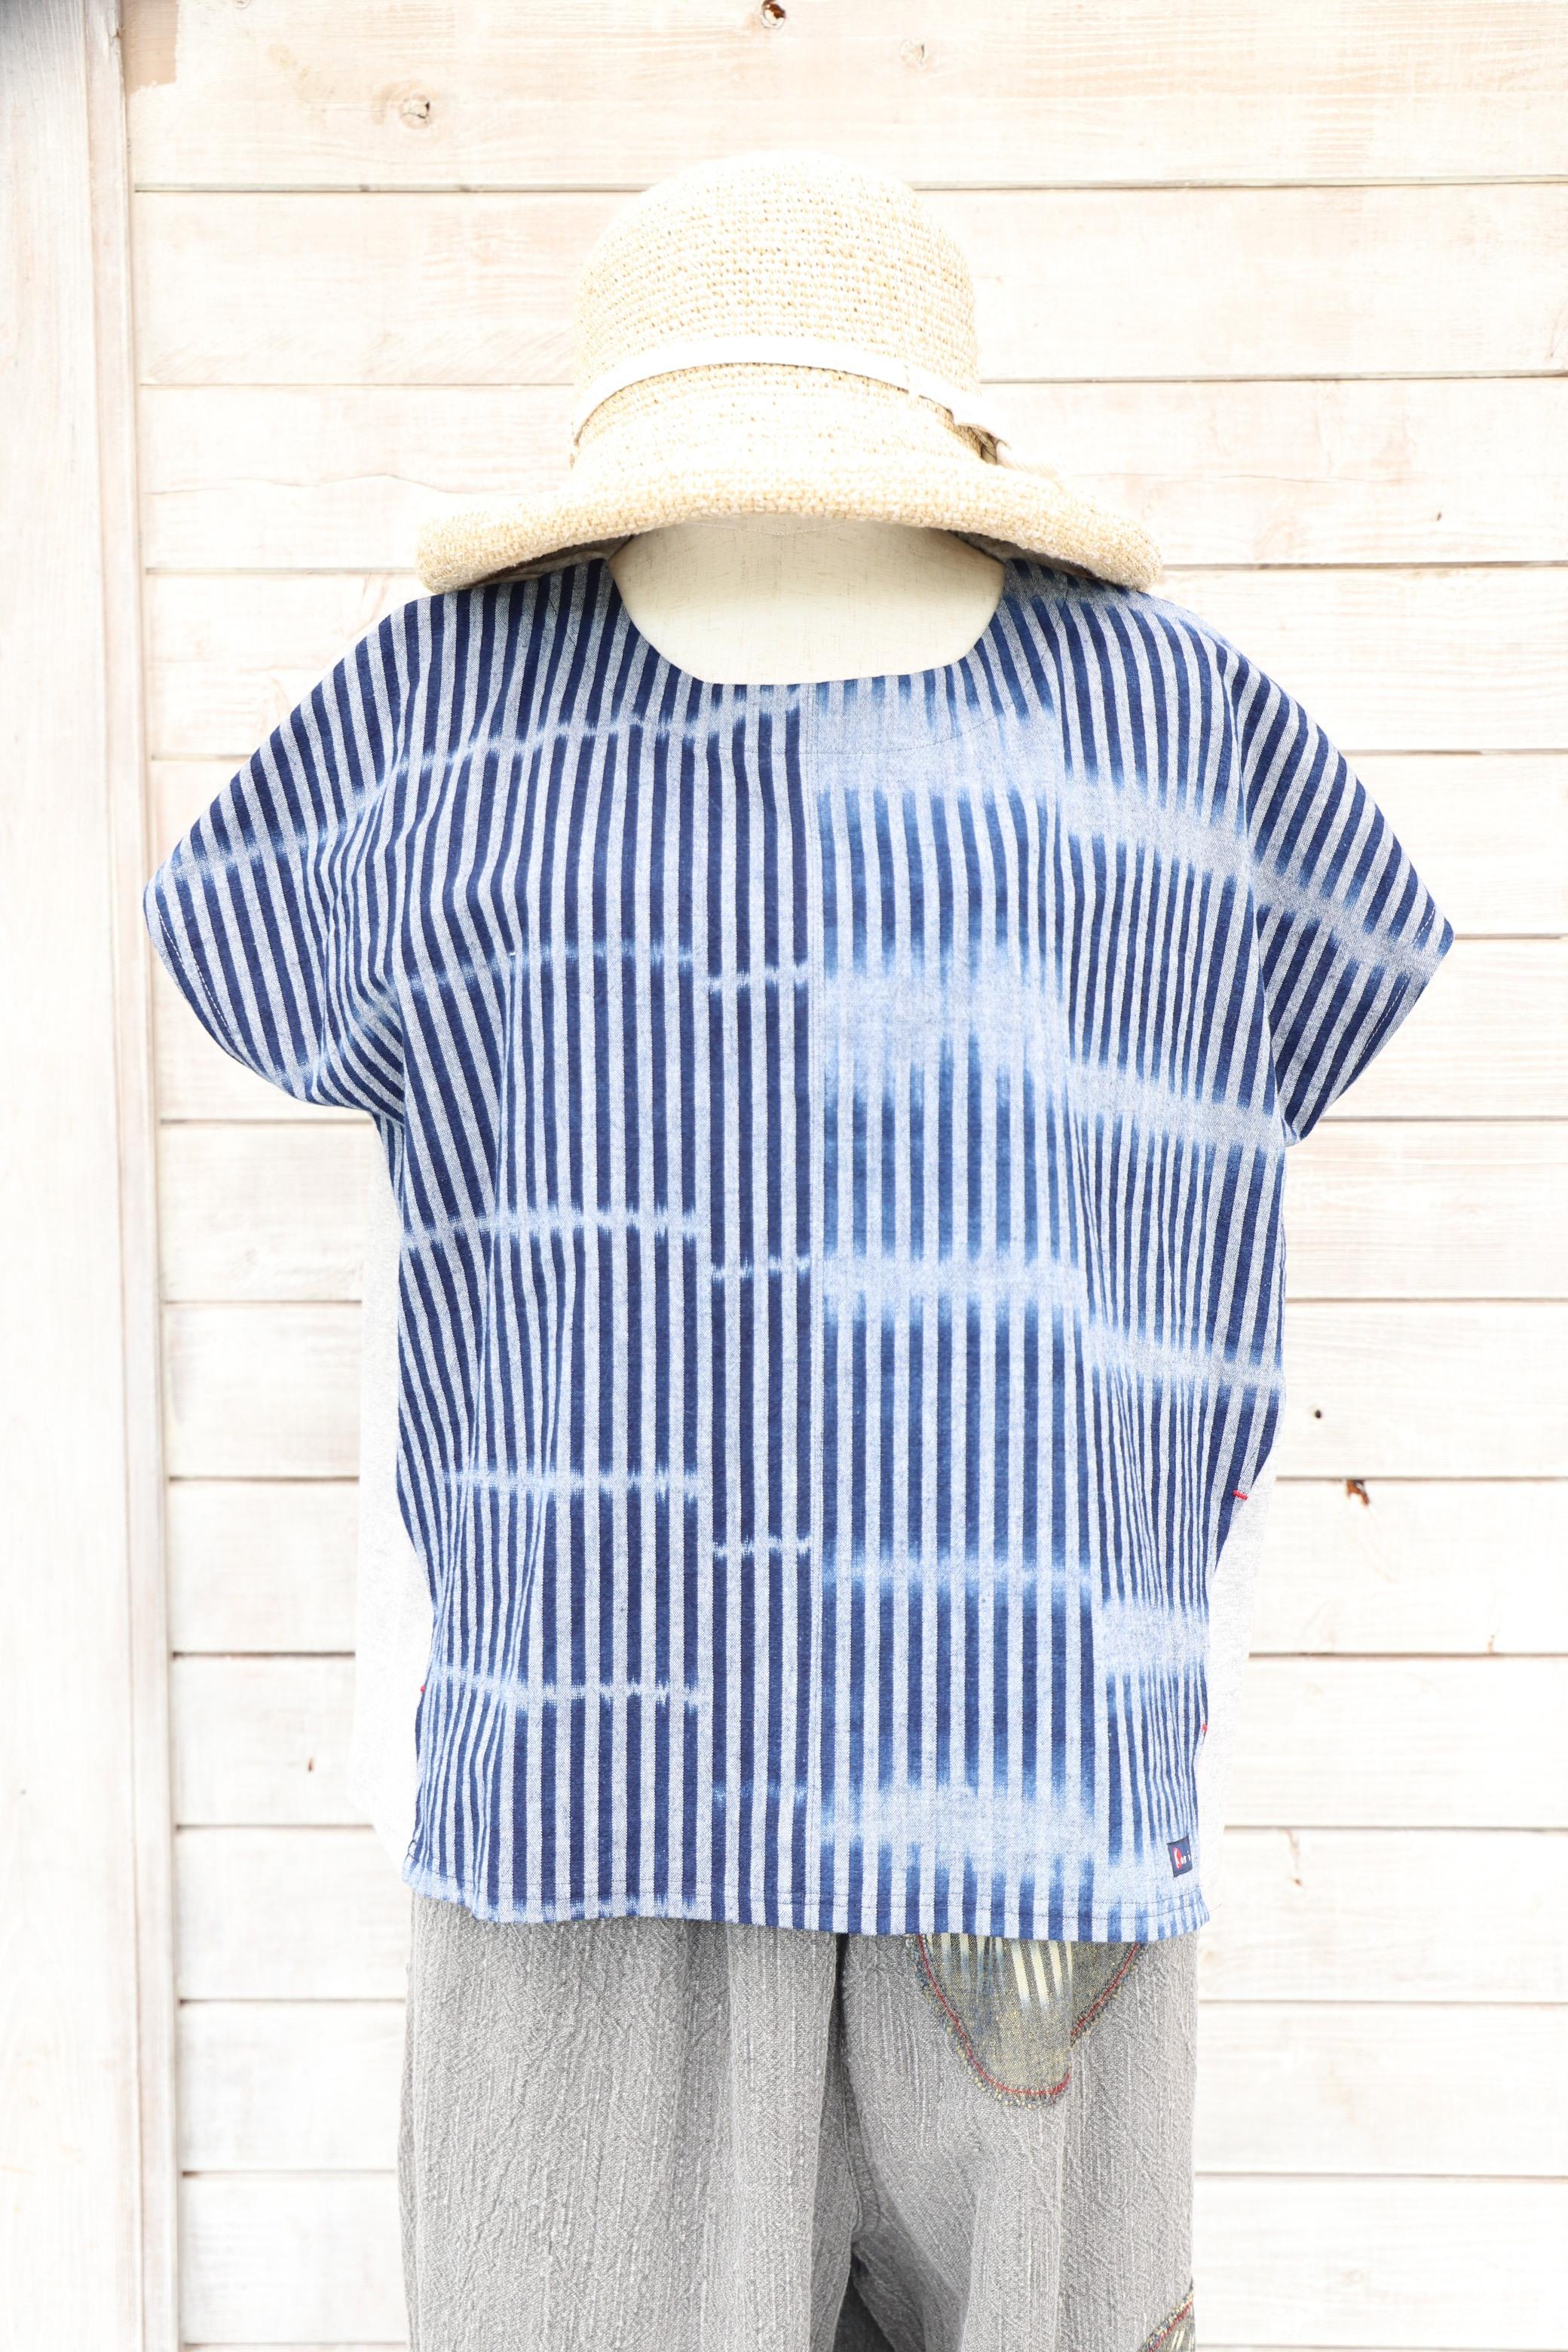 ブラウスTシャツ BL27 藍染絣柄(K51)×グレー